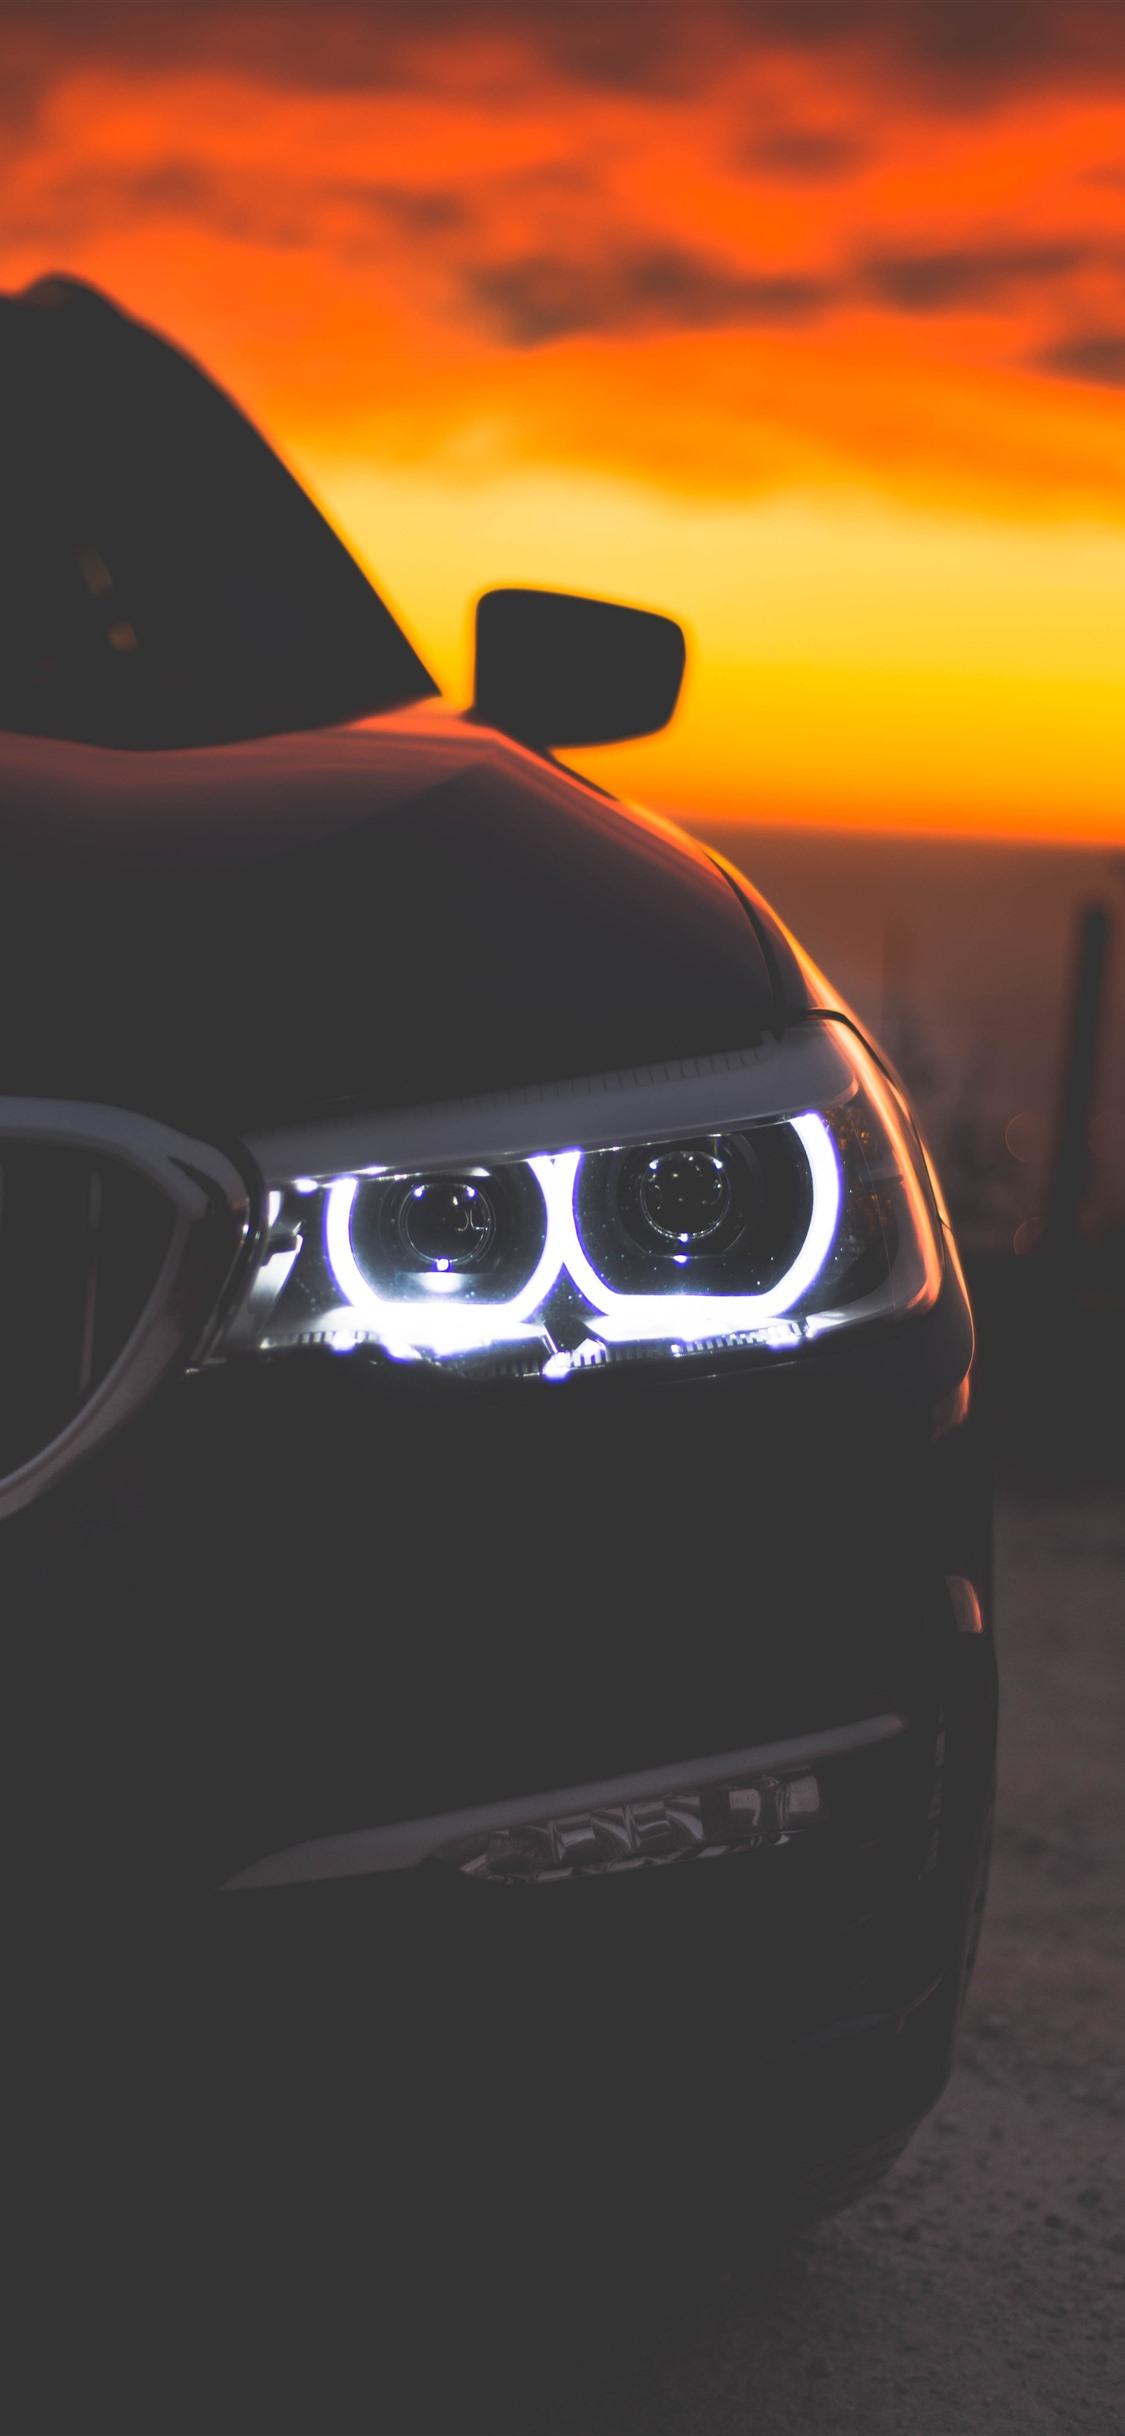 壁纸 黑色汽车前视图,车灯,黄昏 3840x2160 UHD 4K 高清壁纸, 图片, 照片